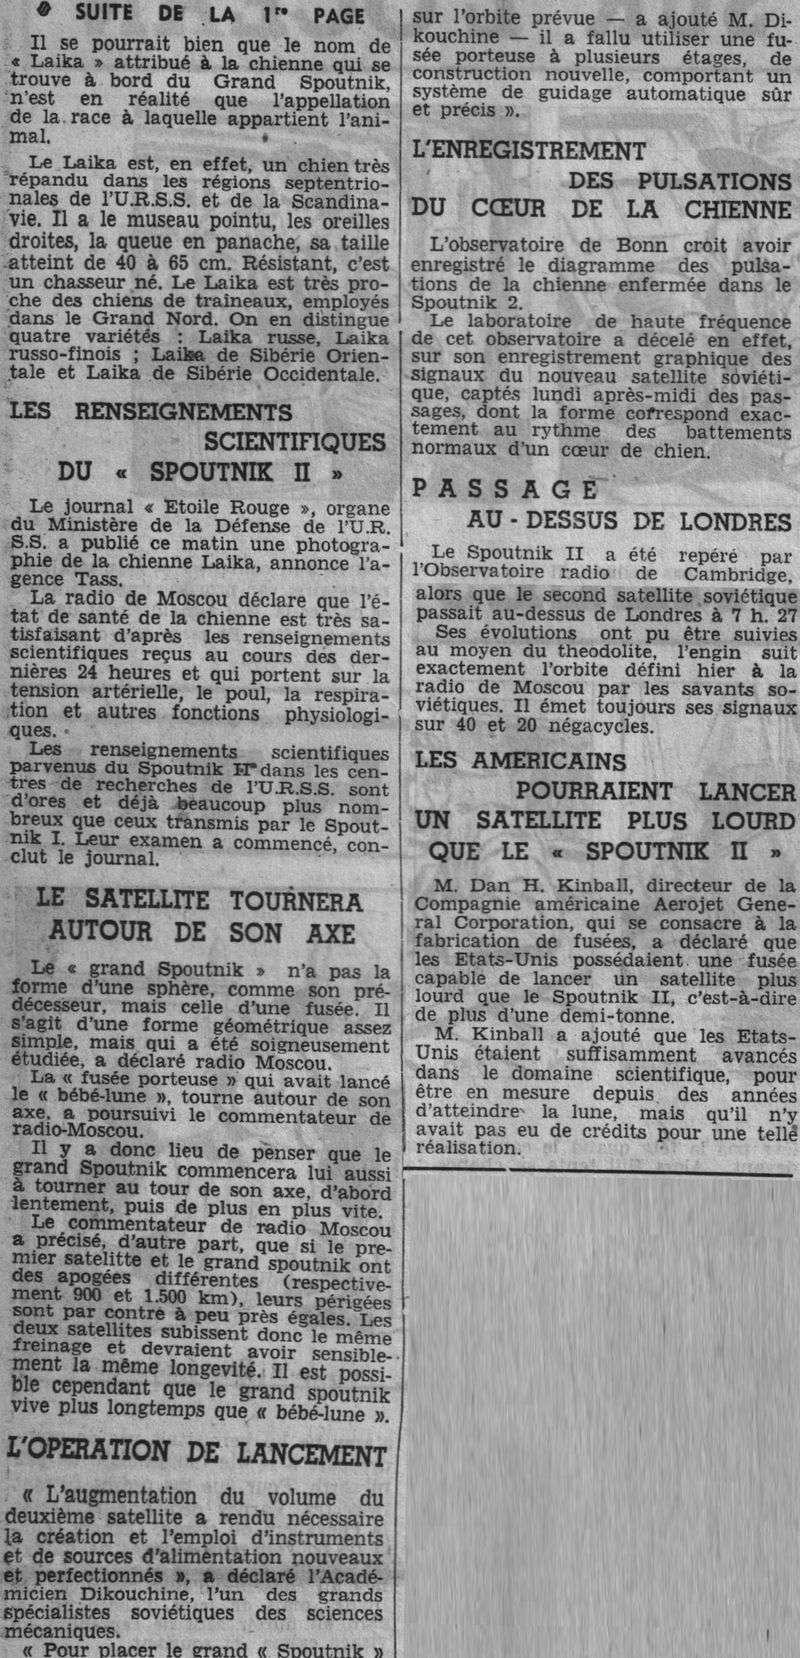 3 novembre 1957 - Spoutnik 2 - Laïka - 1er sacrifié spatial 57110612